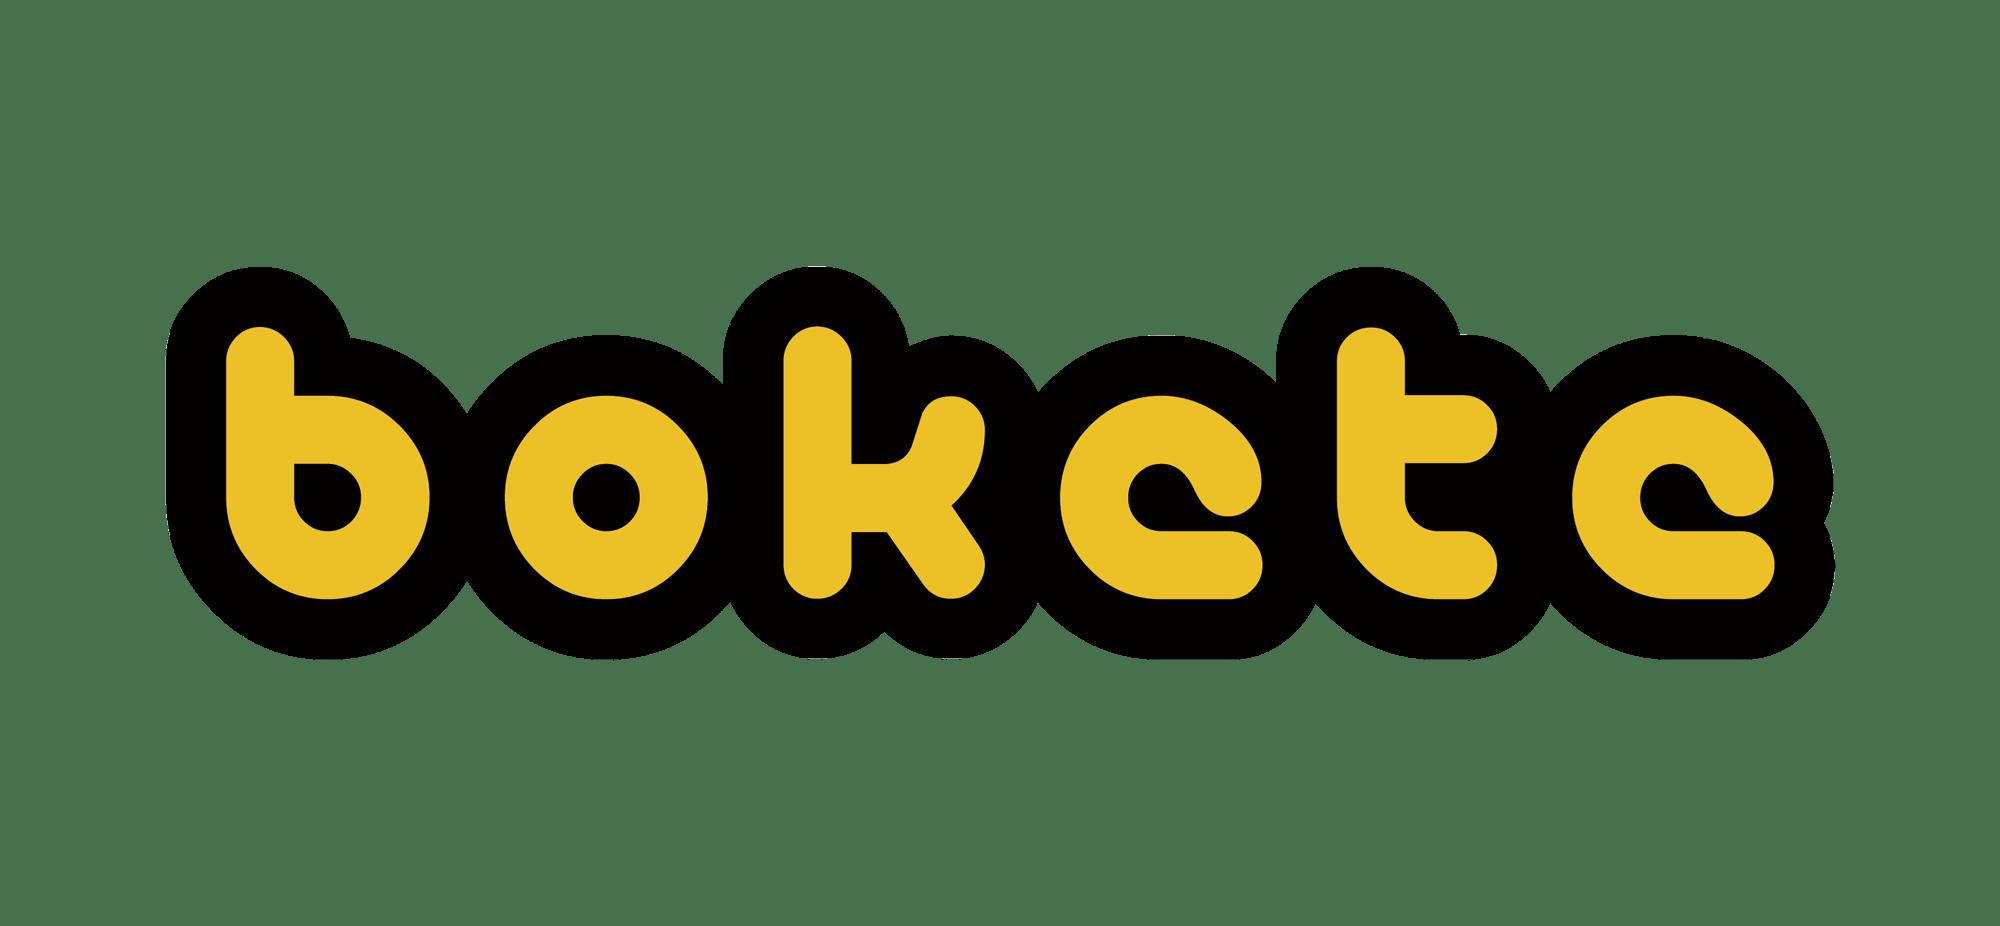 写真で一言ボケて (bokete)